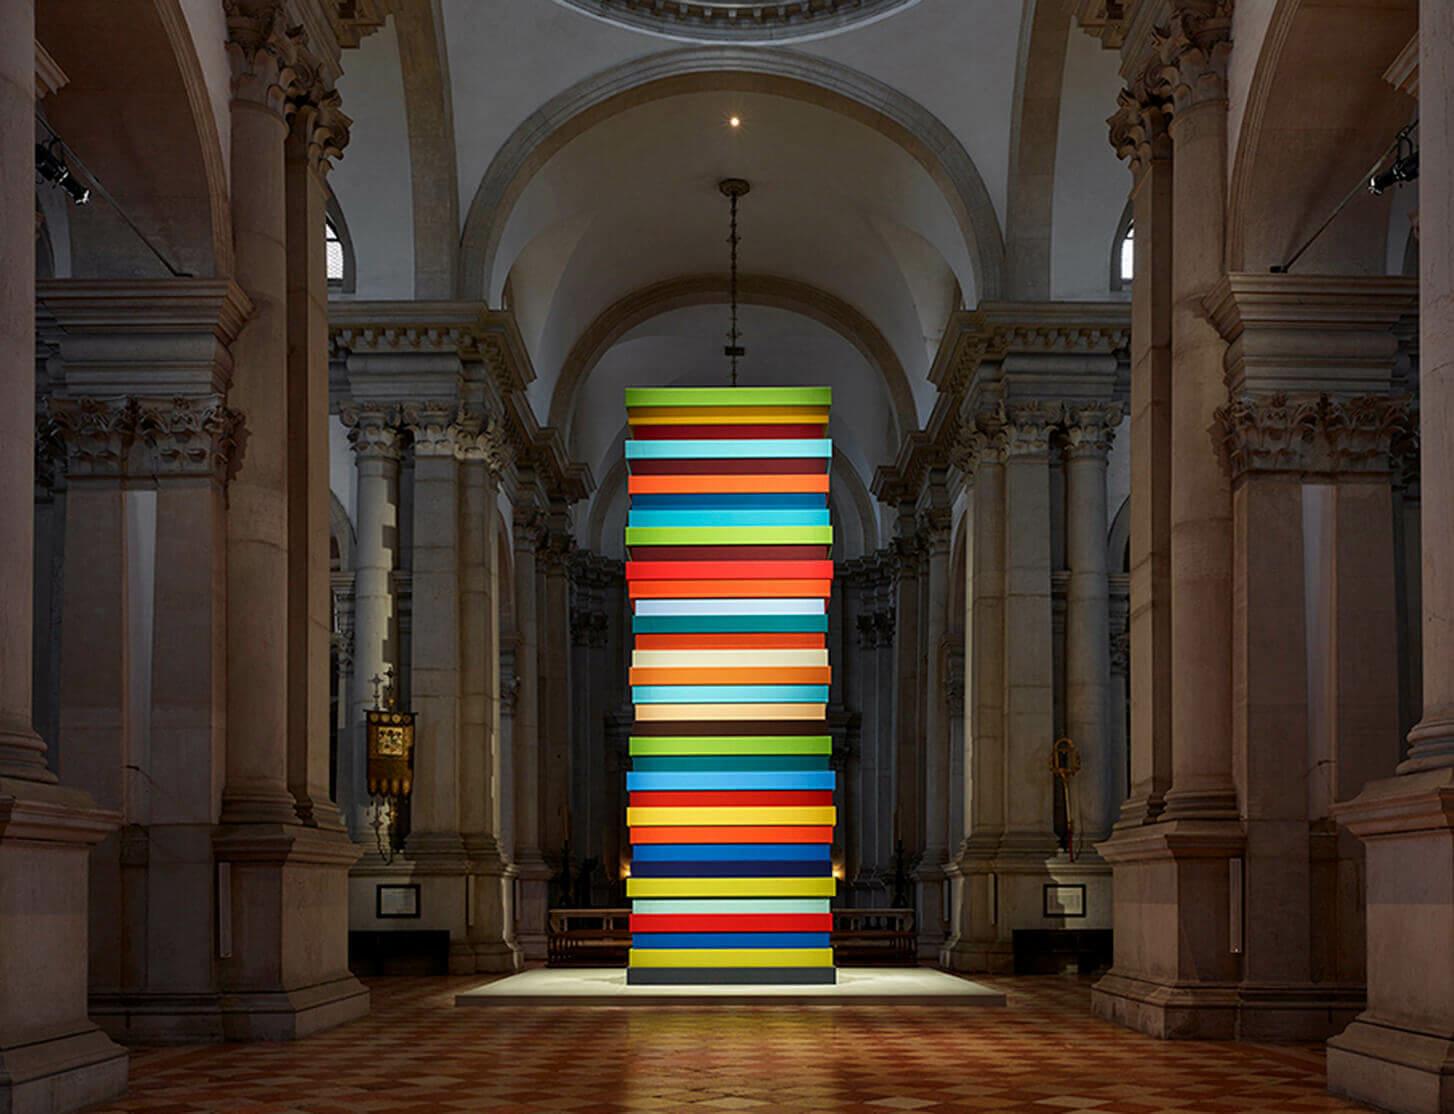 Sean Scully's exhibition 'HUMAN' on view at the Abbazia di San Giorgio Maggiore in Venice